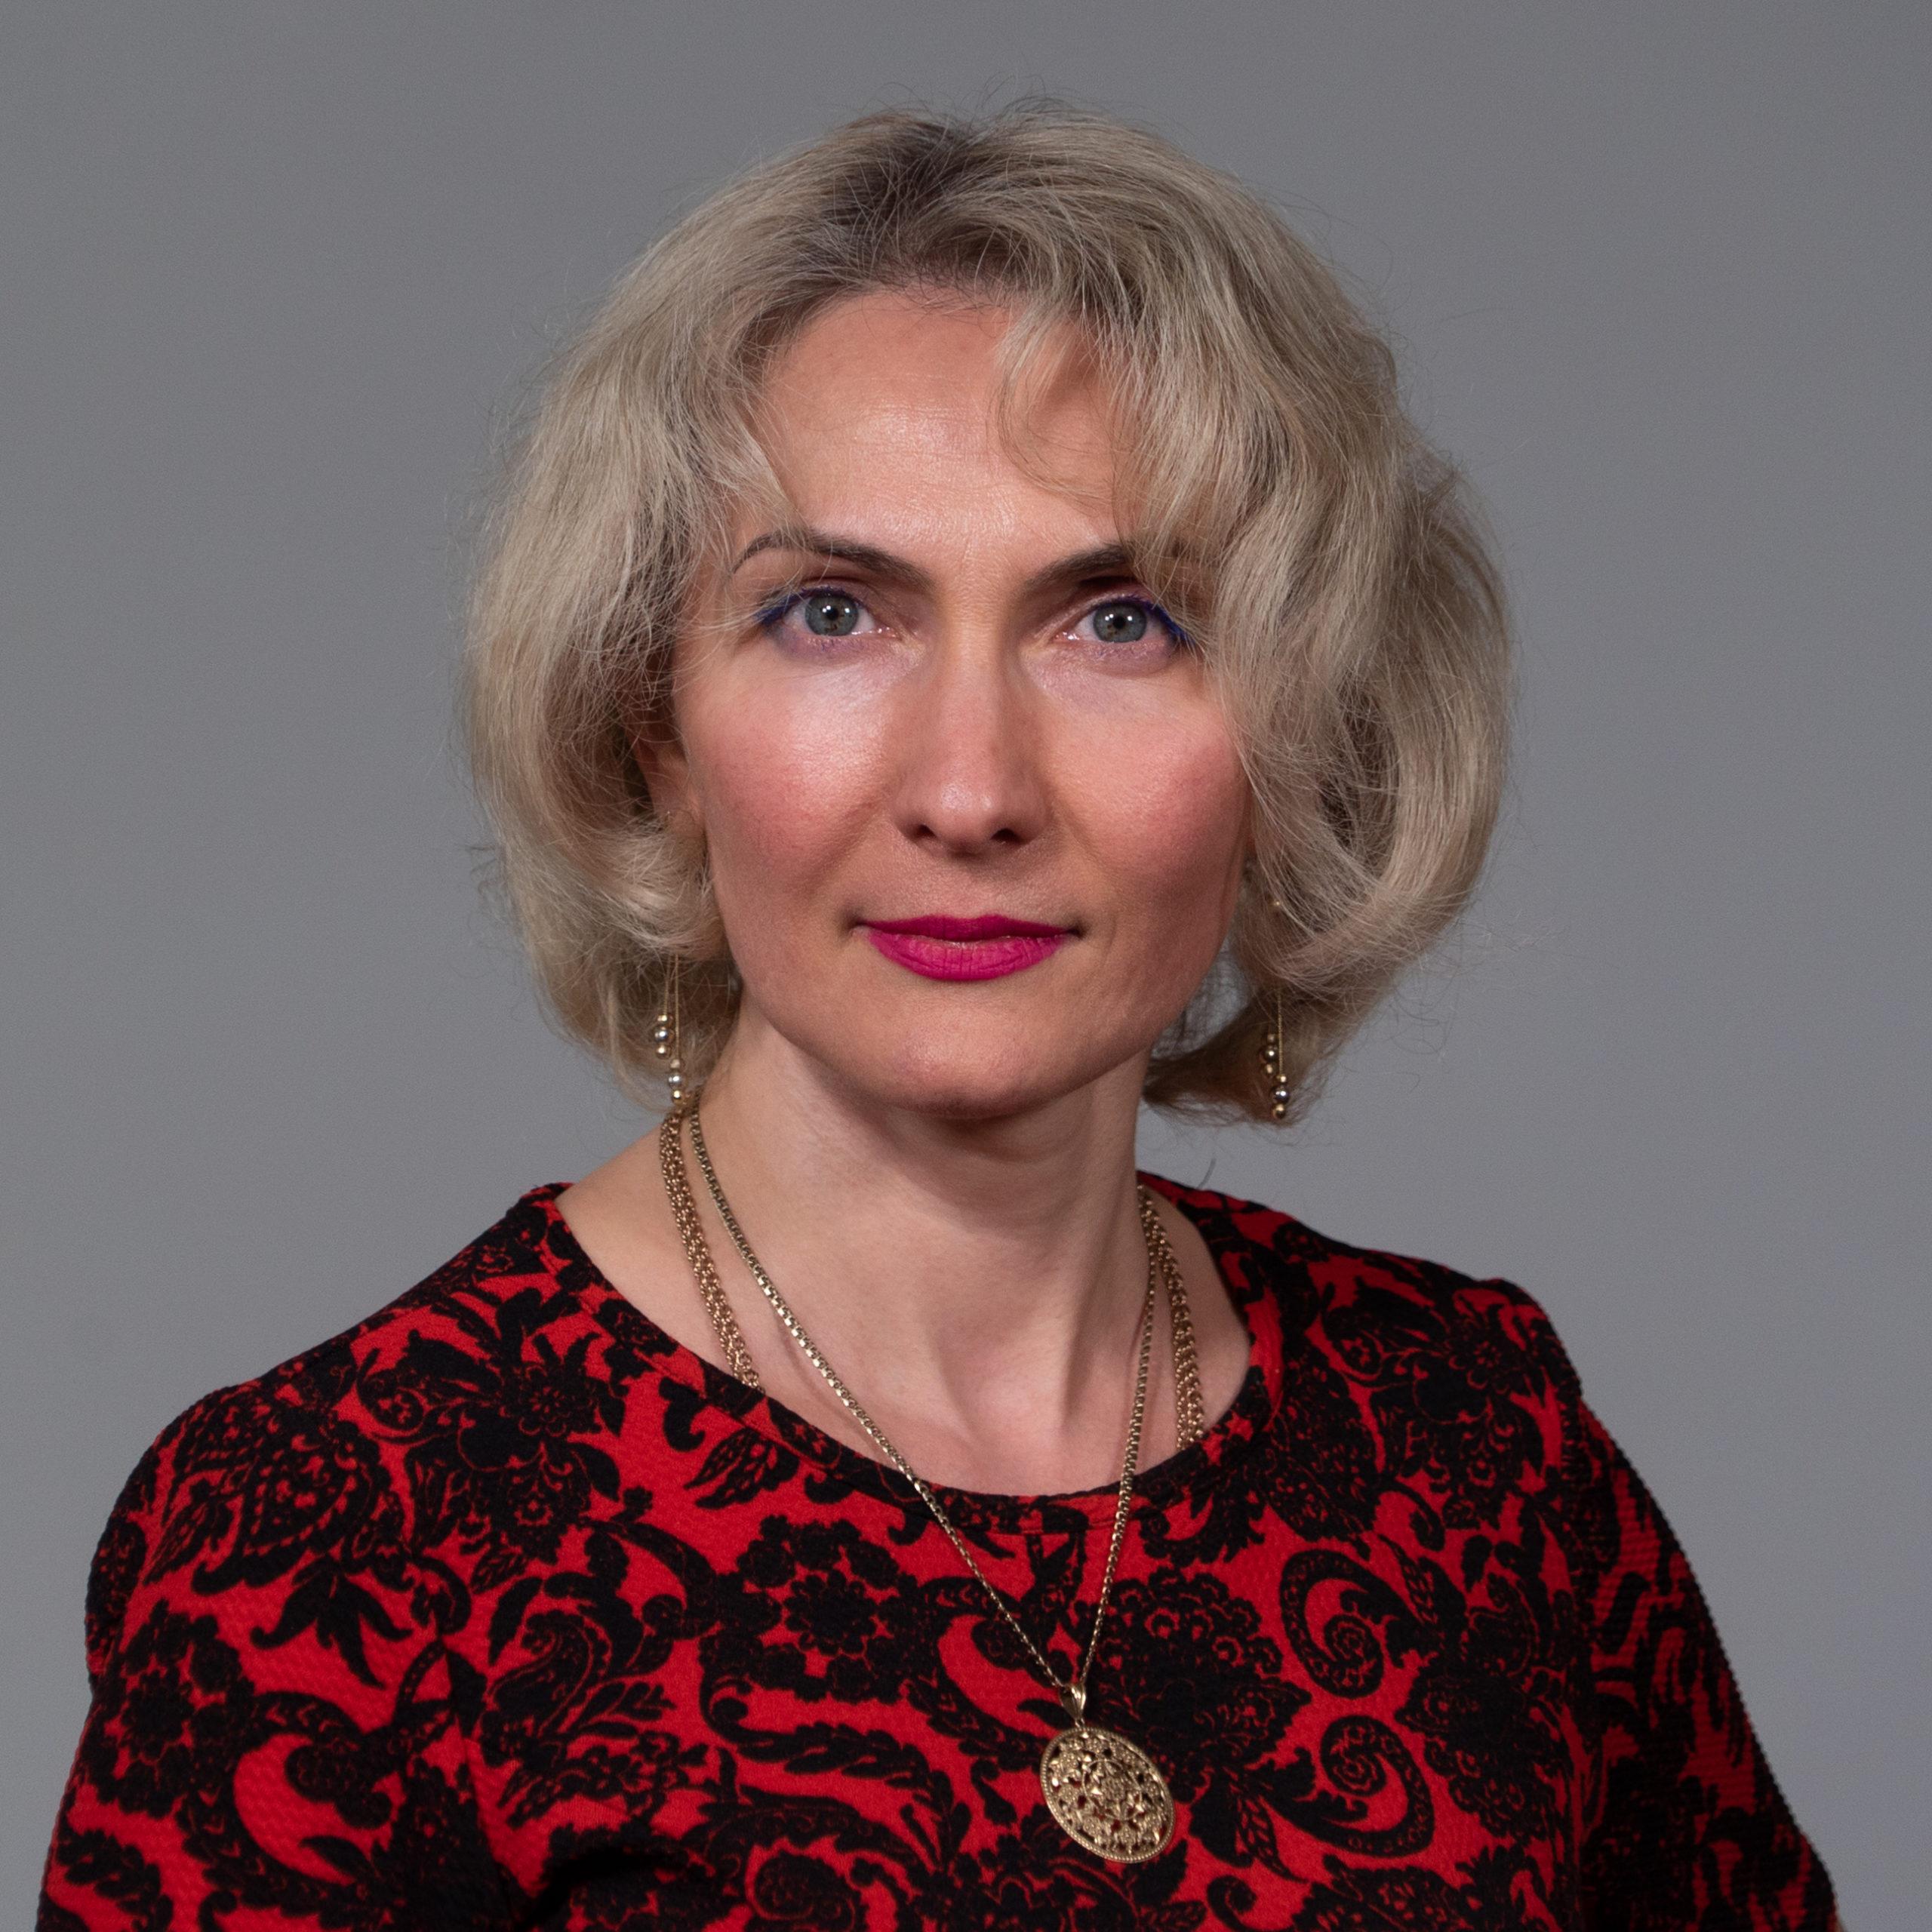 Симонян Татьяна Арменовна